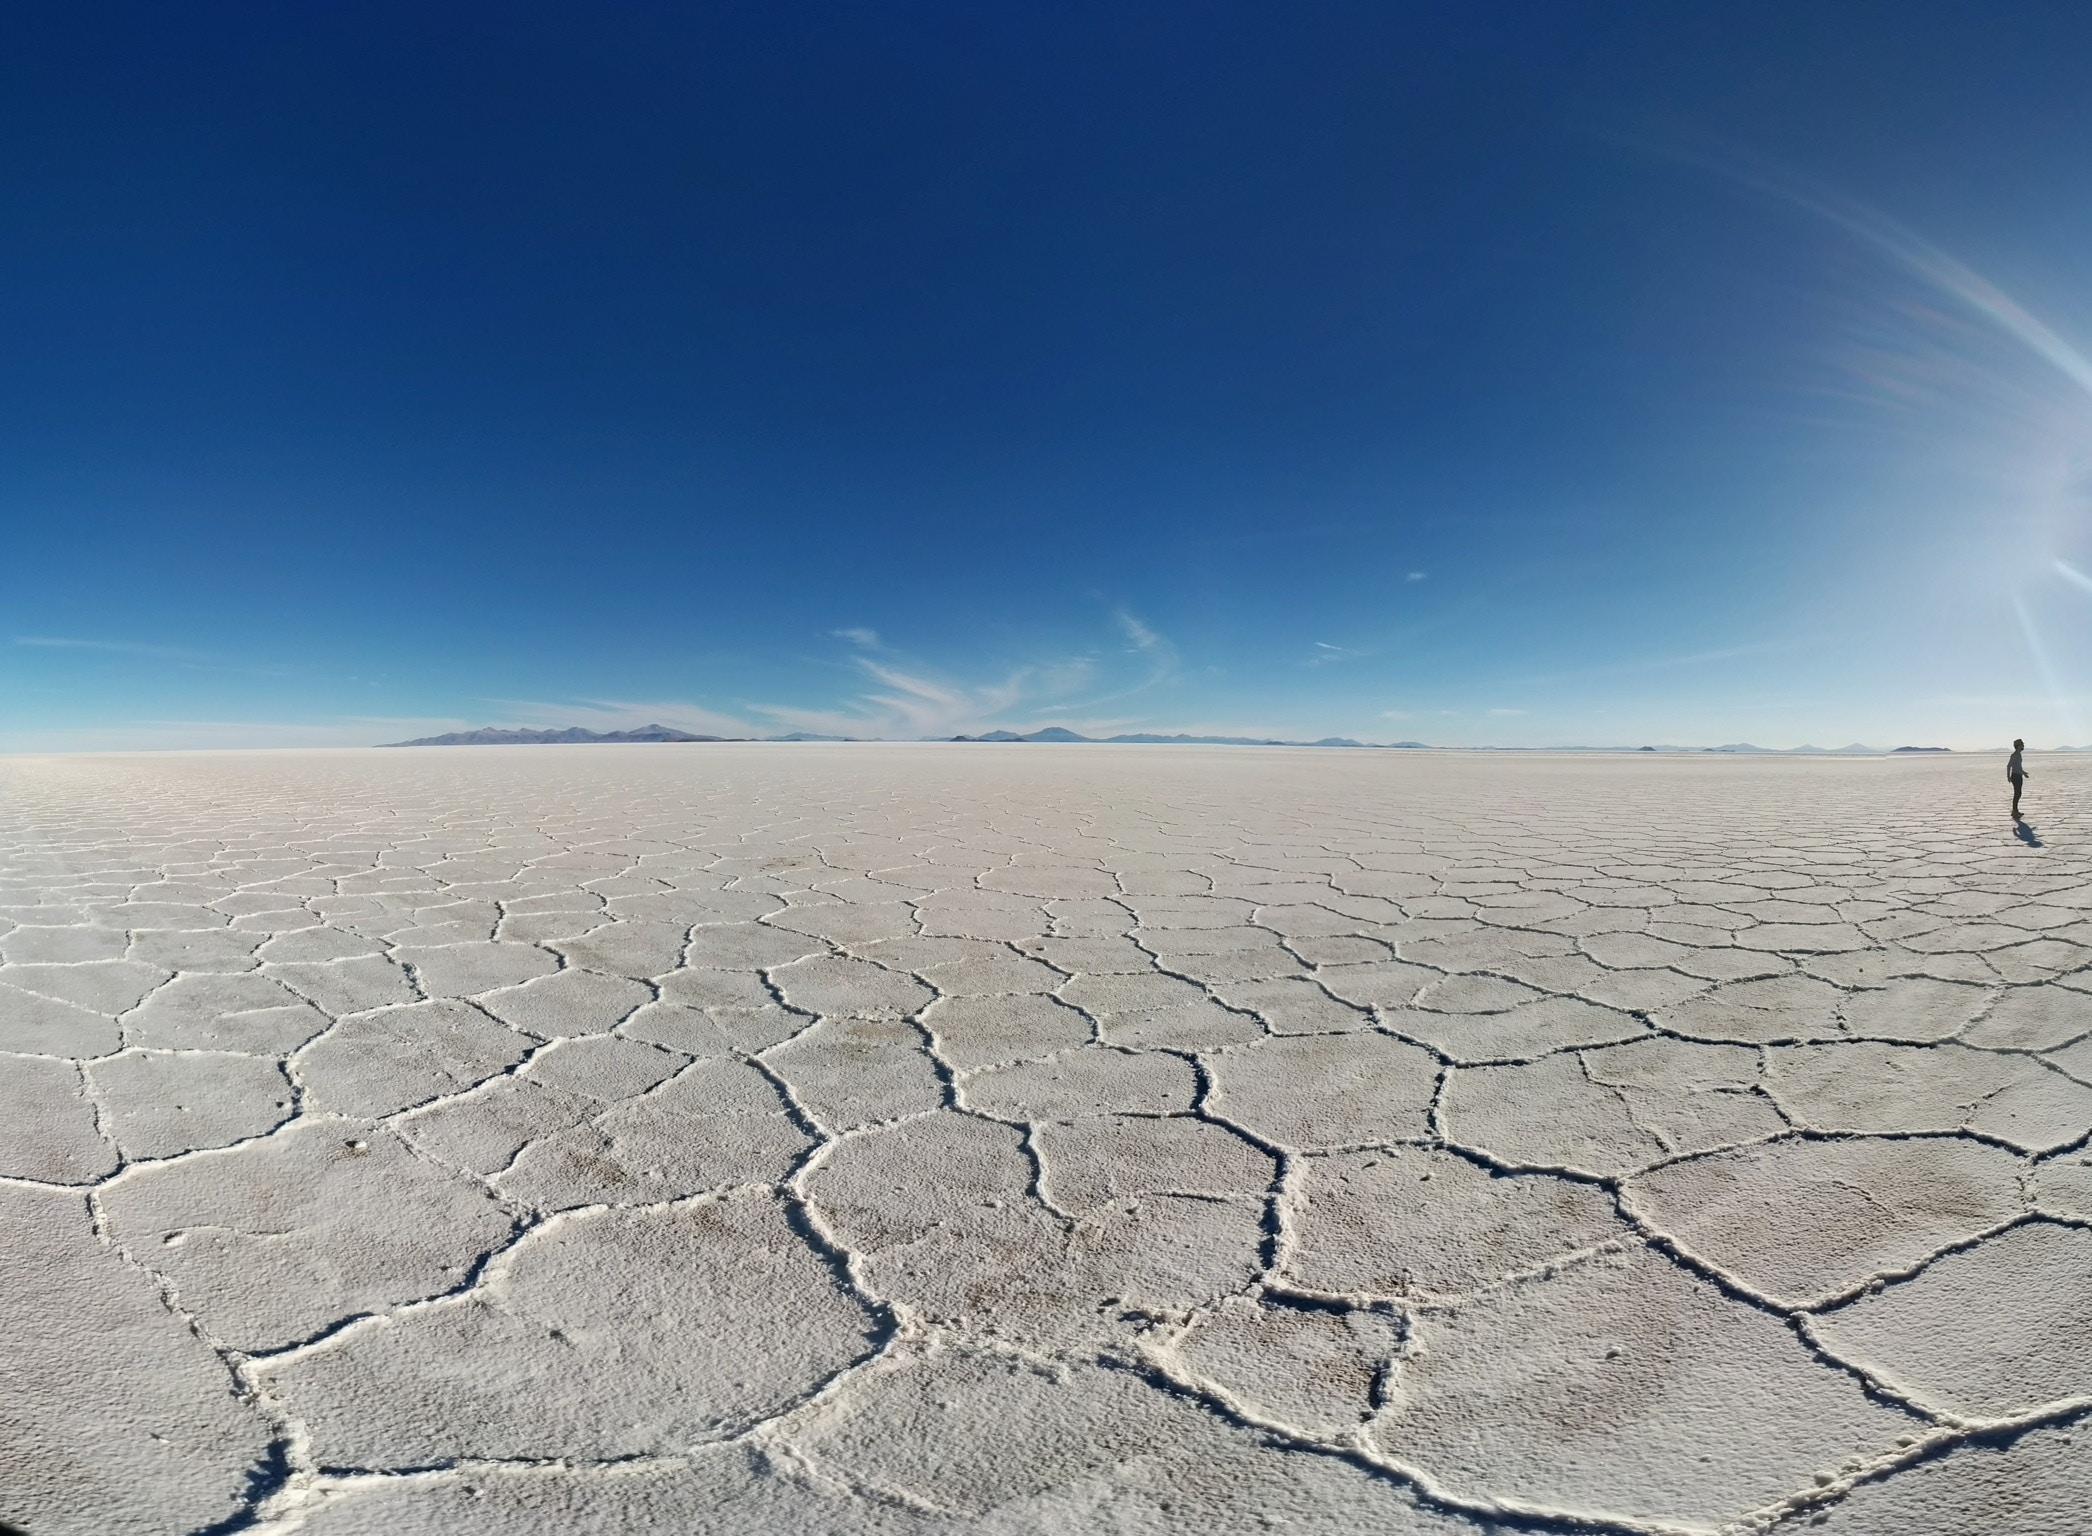 desert places poem